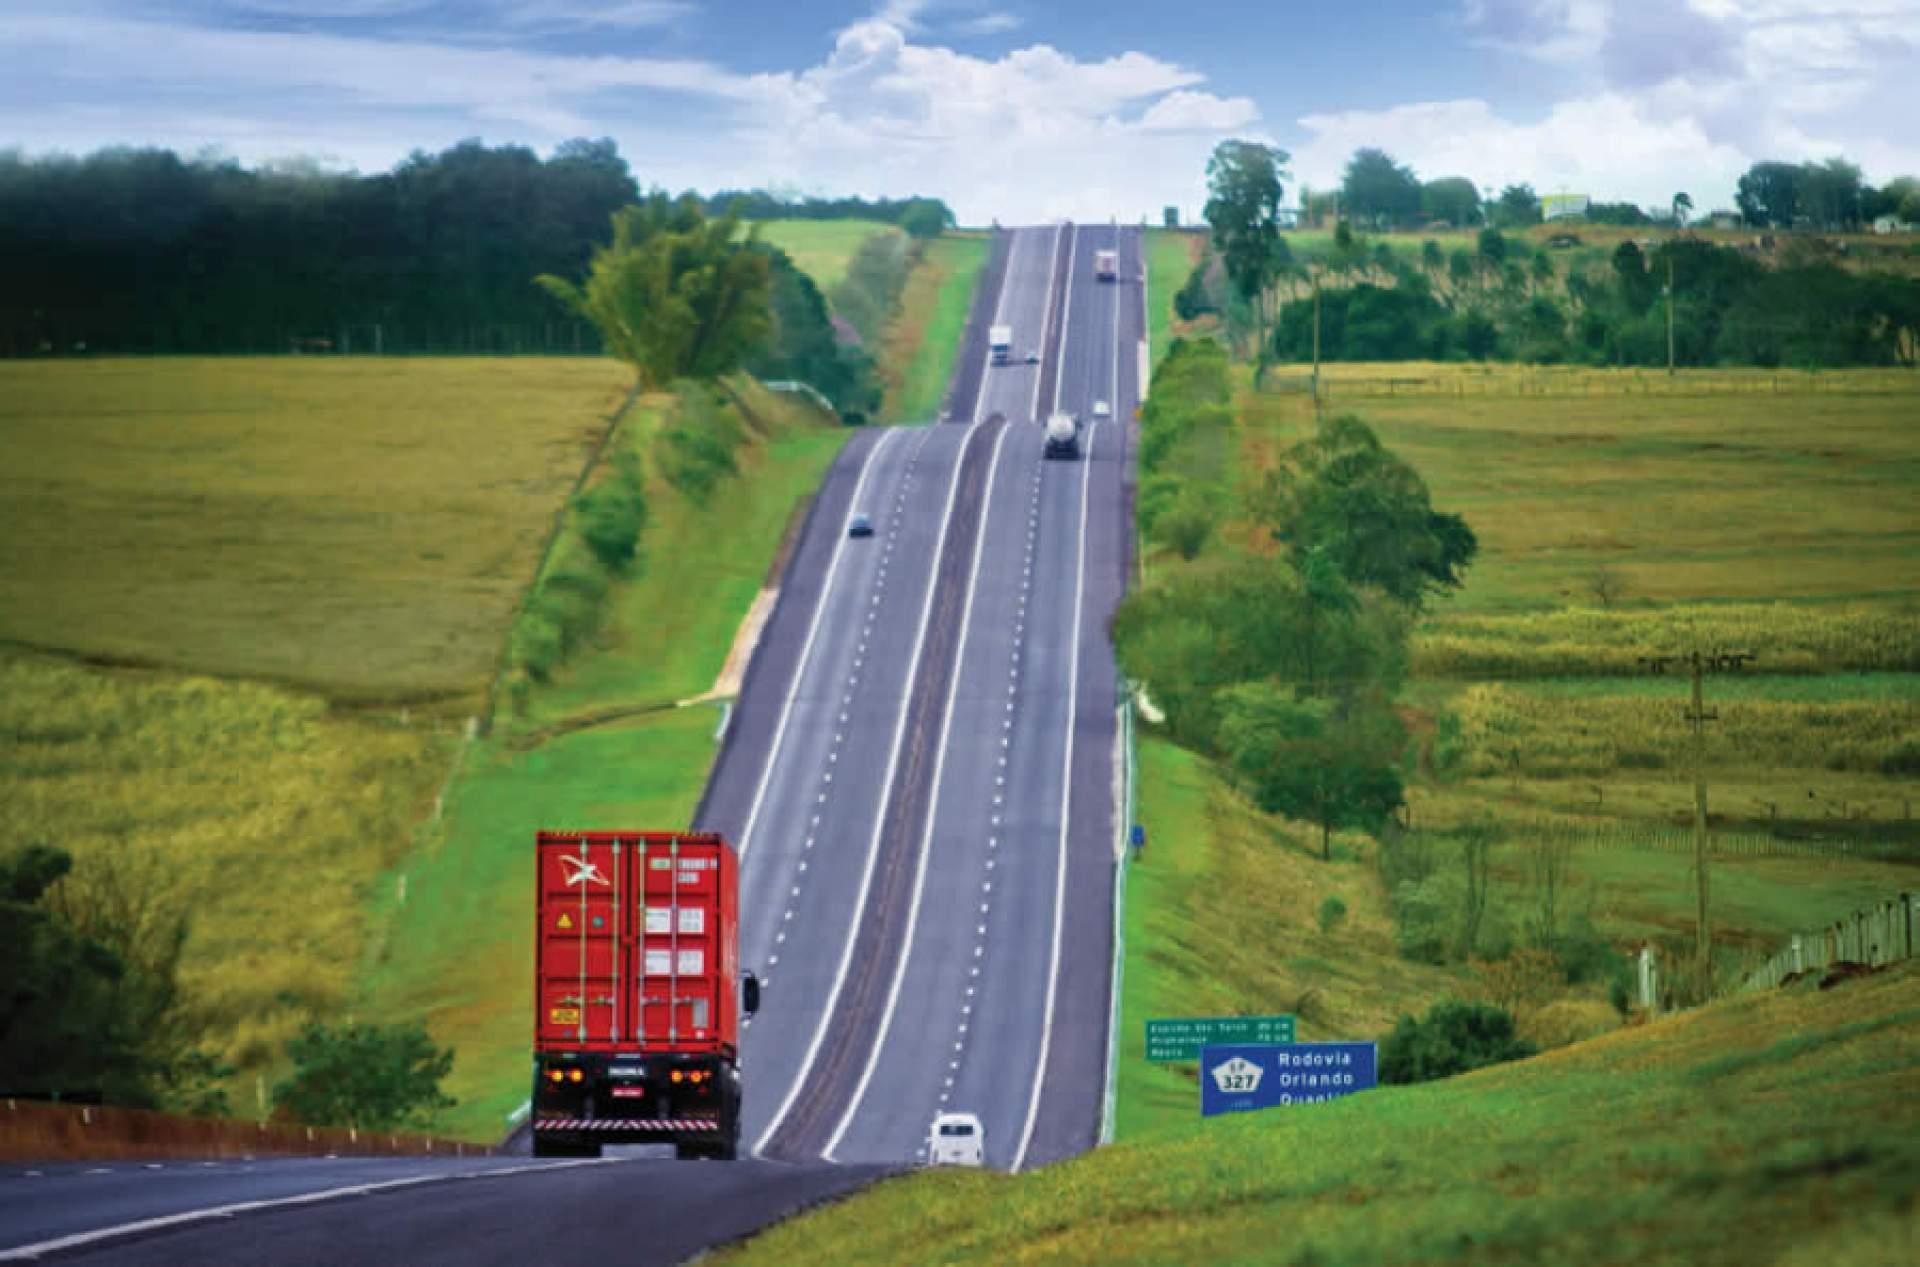 Demanda por transporte rodoviário de cargas no Brasil tem melhora desde  março, segundo NTC&Logística - Setrans